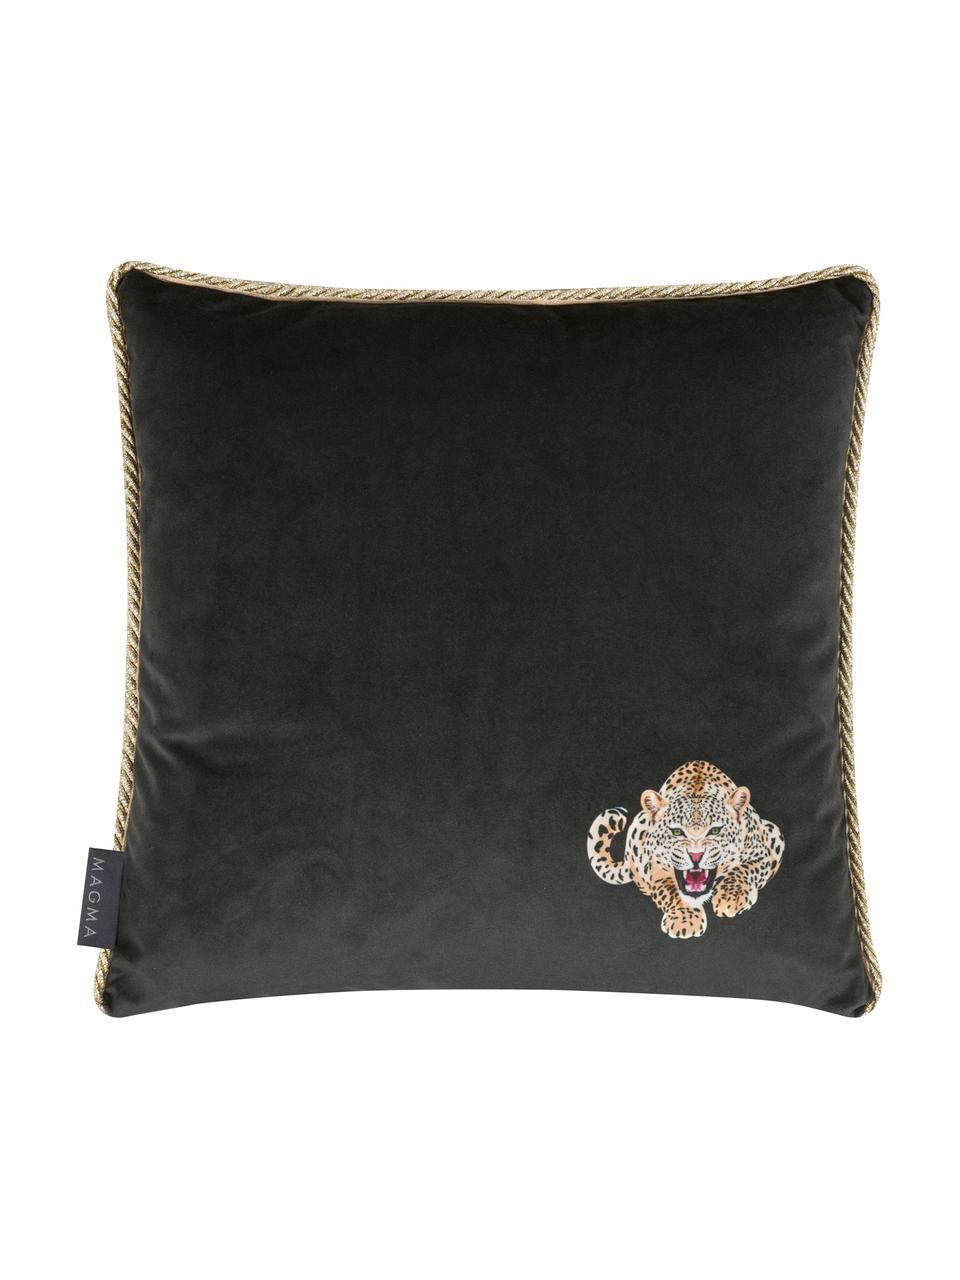 Housse de coussin 40x40 velours passepoil doré Deluxe Leo, Noir, brun, blanc, couleur dorée